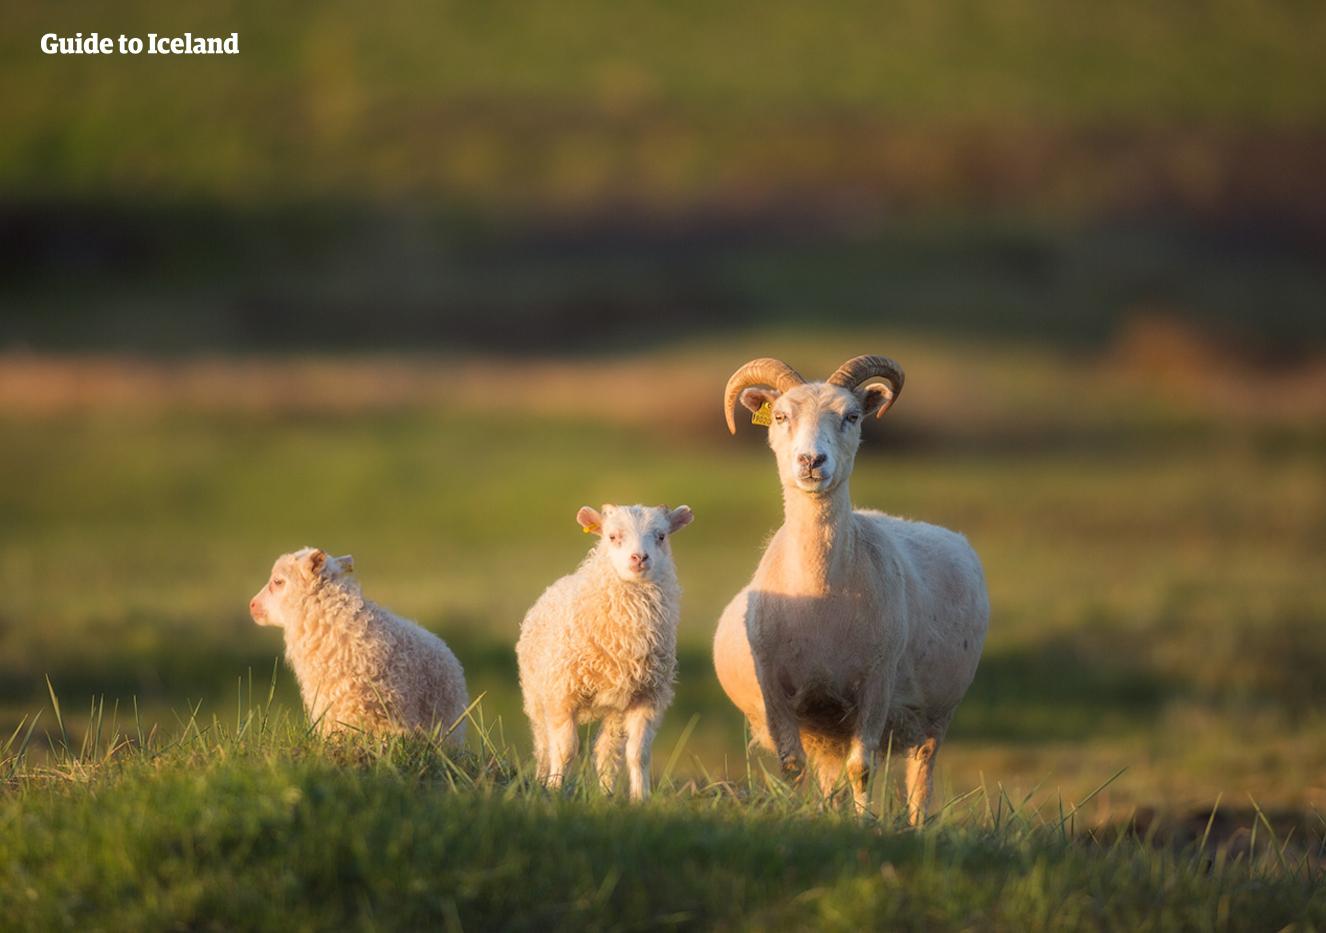 Halte auf deiner Sommer-Mietwagenreise durch die isländische Natur nach Schafen Ausschau.